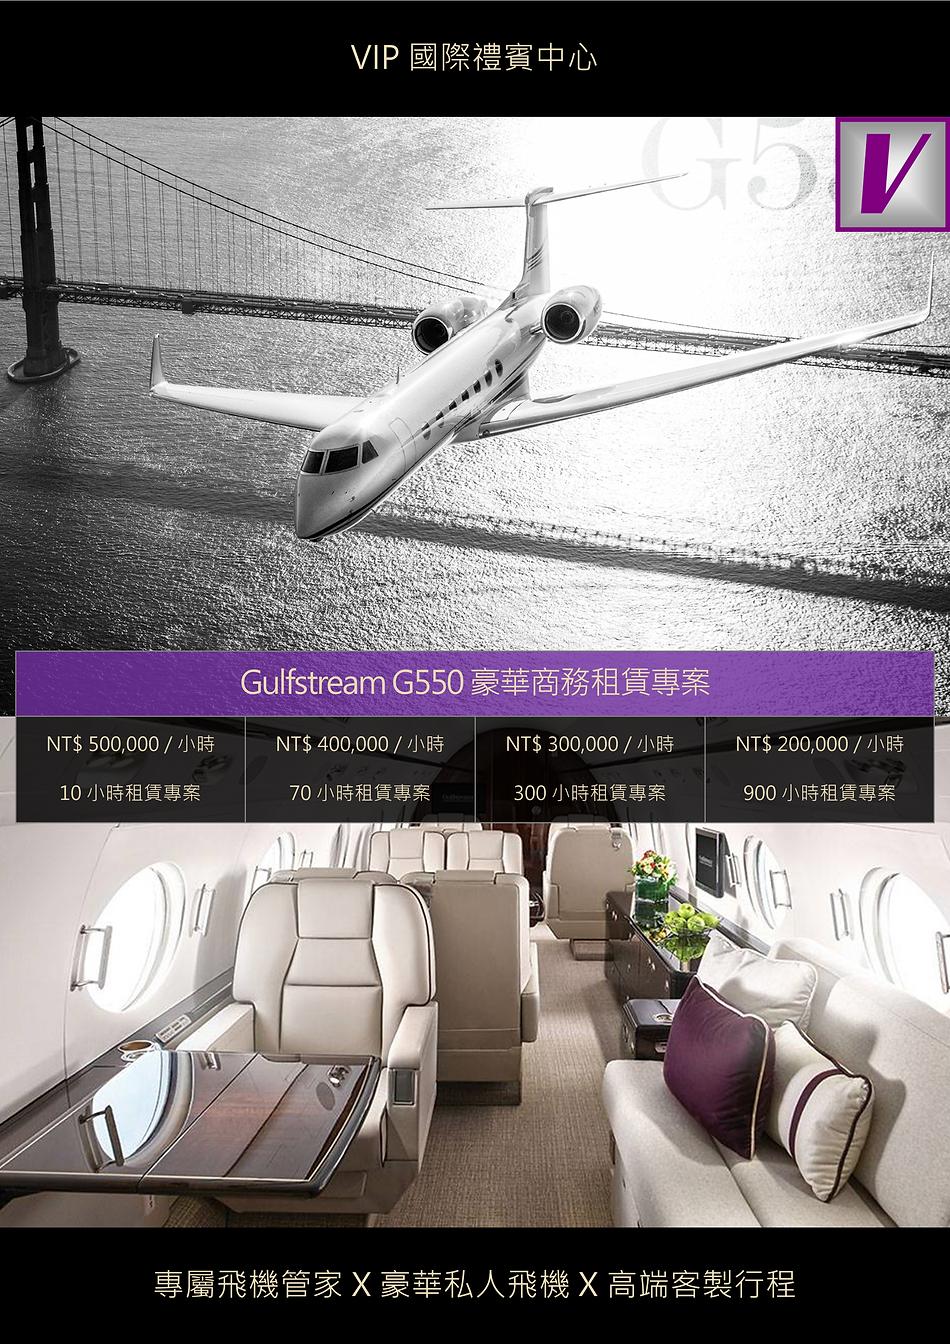 VIP國際禮賓中心 GULFSTREAM G550 豪華商務租賃專案 DM.png